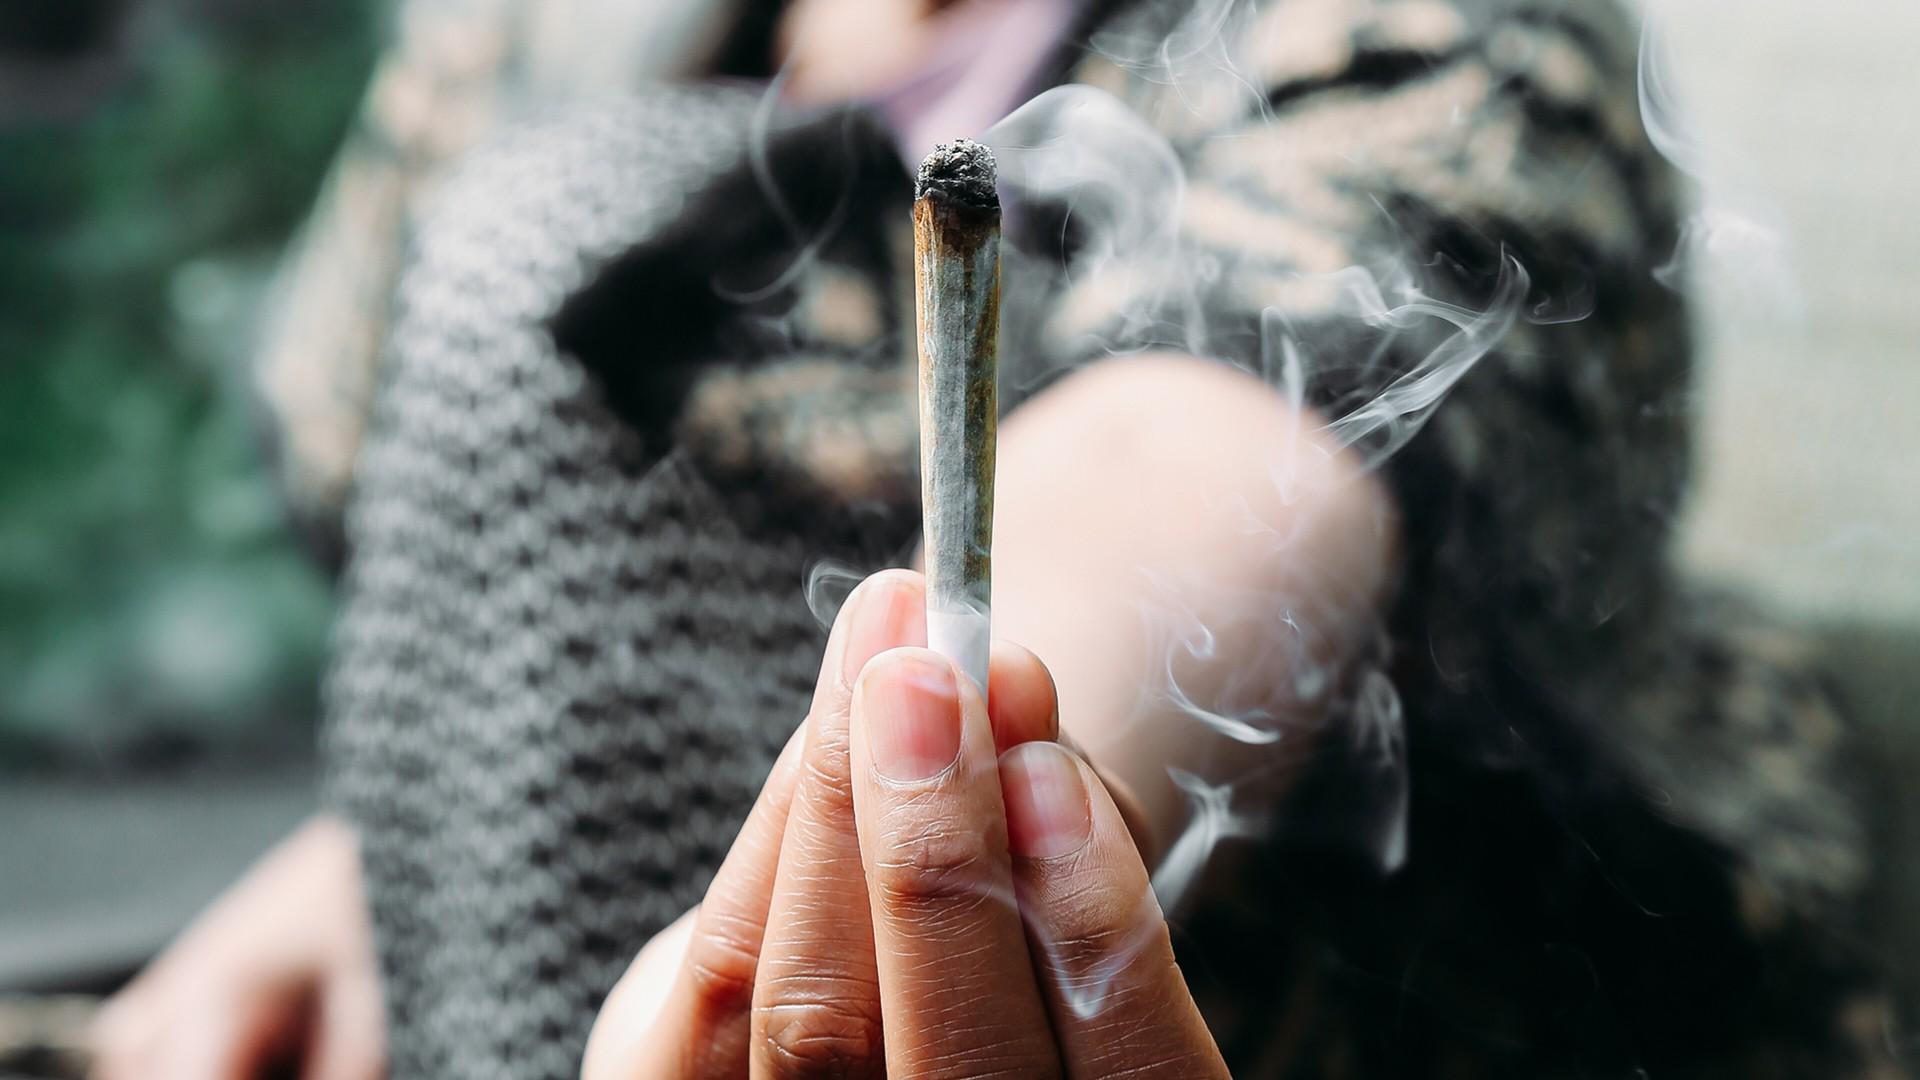 ¿Pueden fumar marihuana los contagiados con COVID-19?